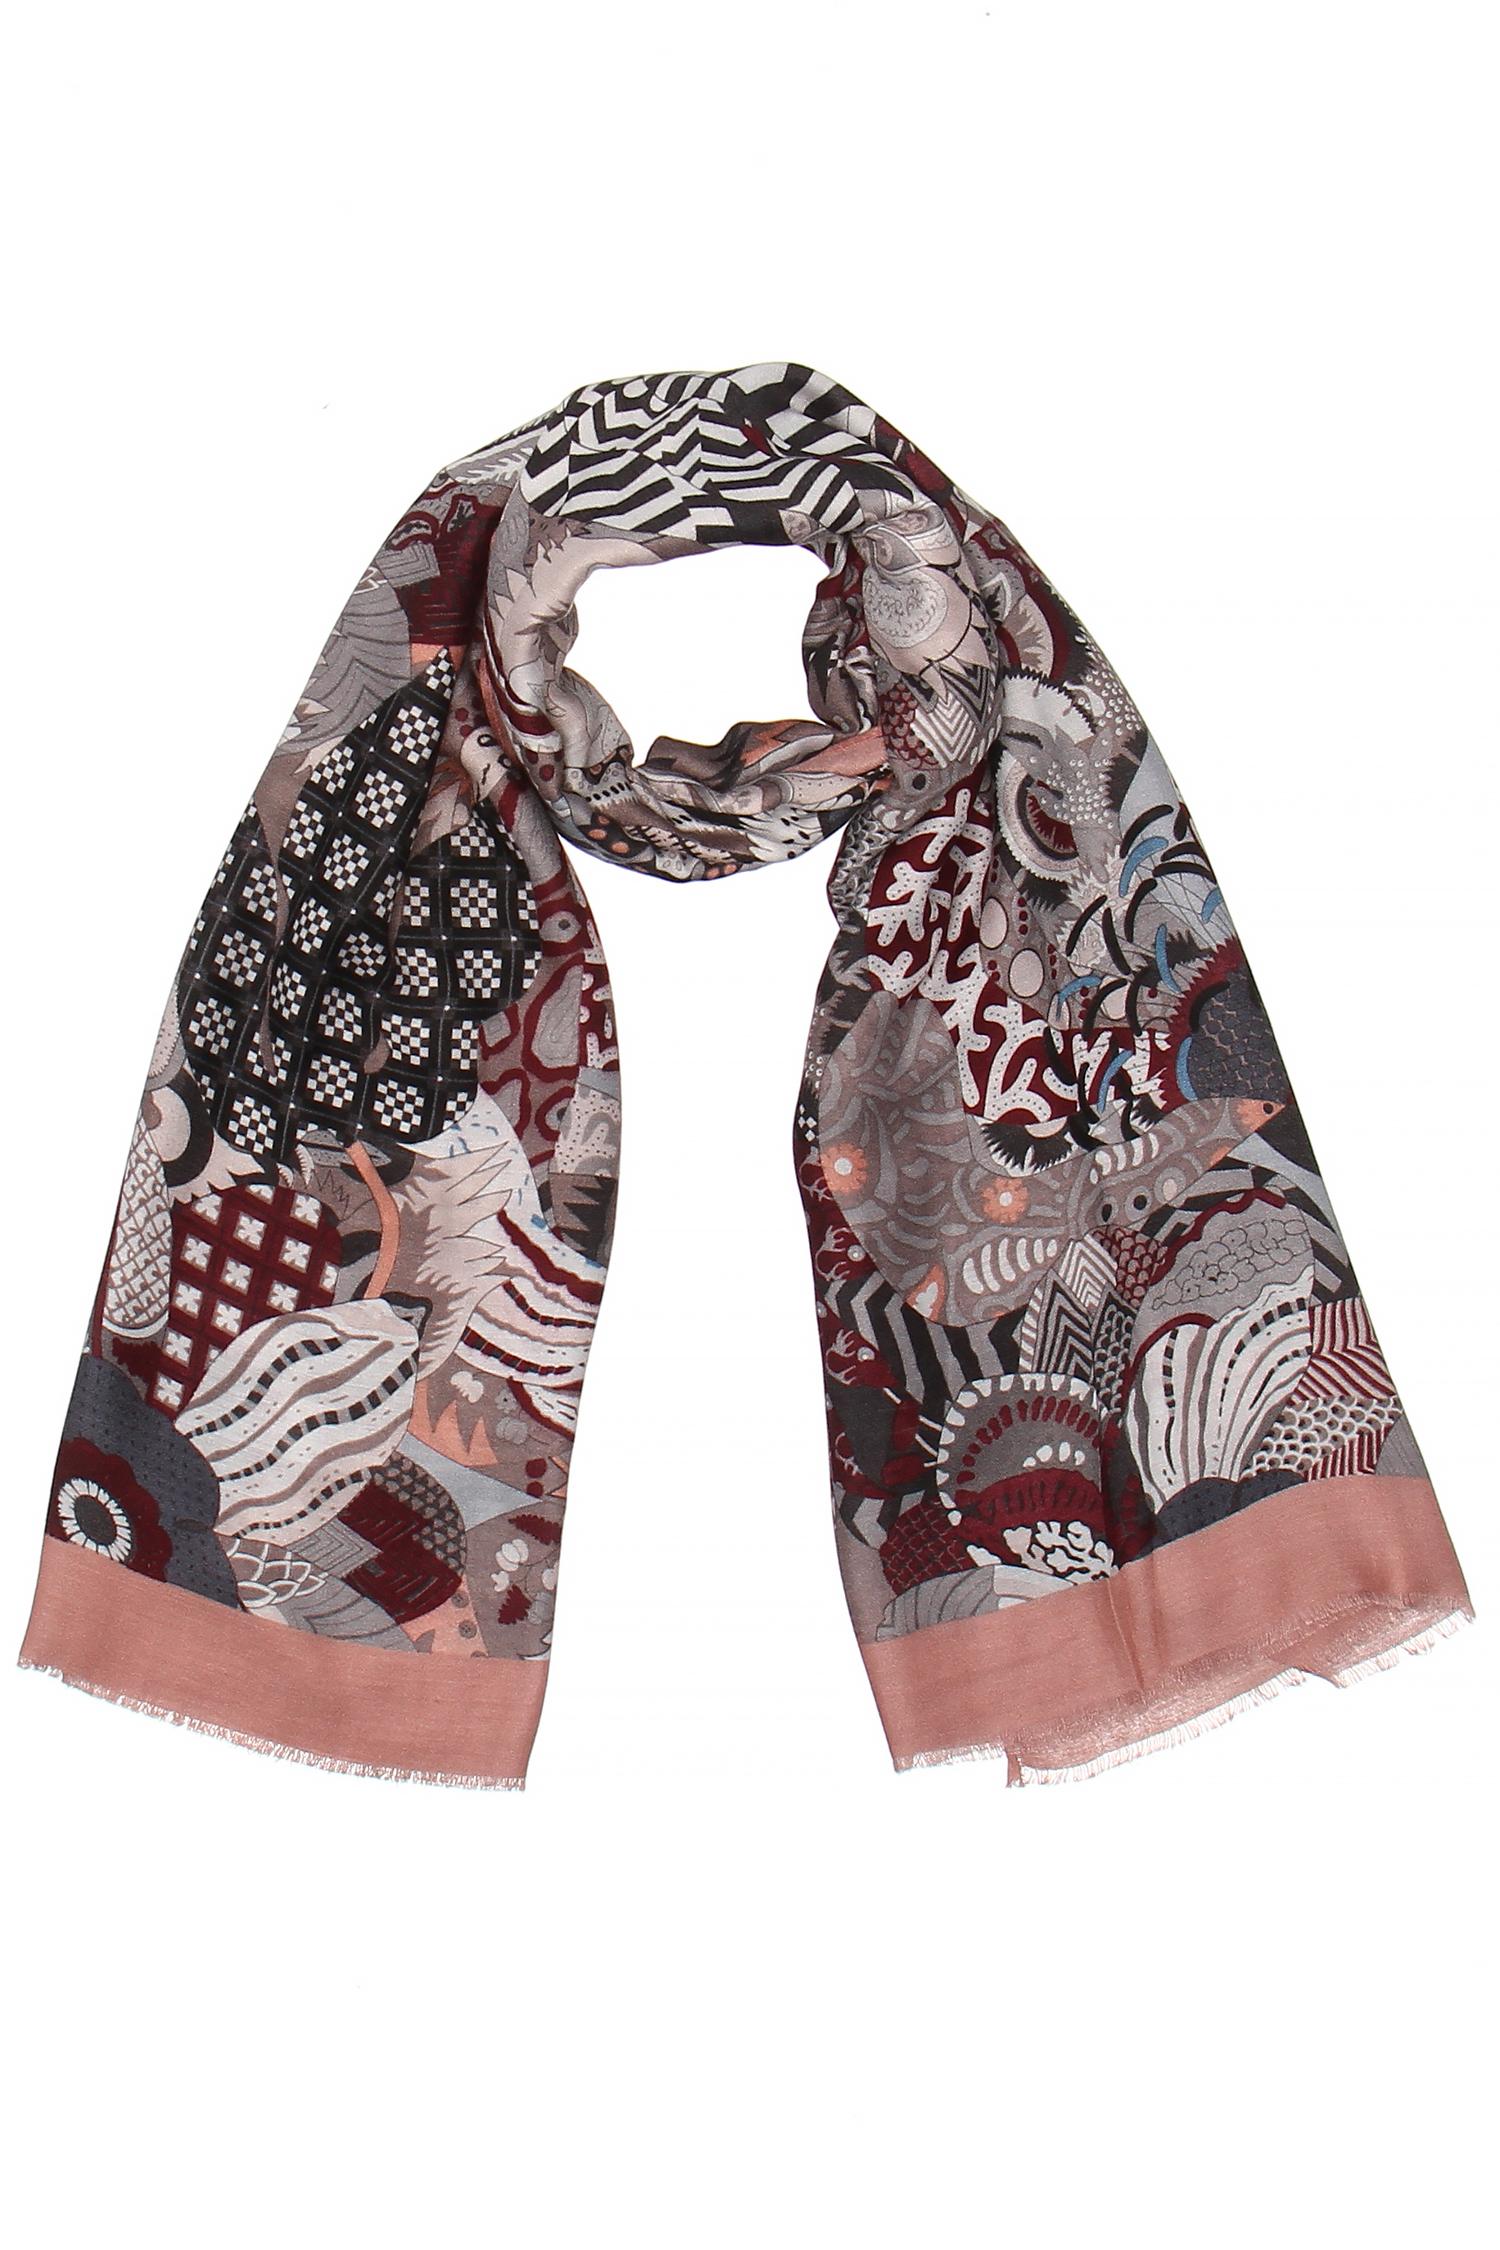 МОСМЕХА барбара кох эва шарновски шьем модный шарф воротник аксессуары из текстиля isbn 978 5 4449 0124 3